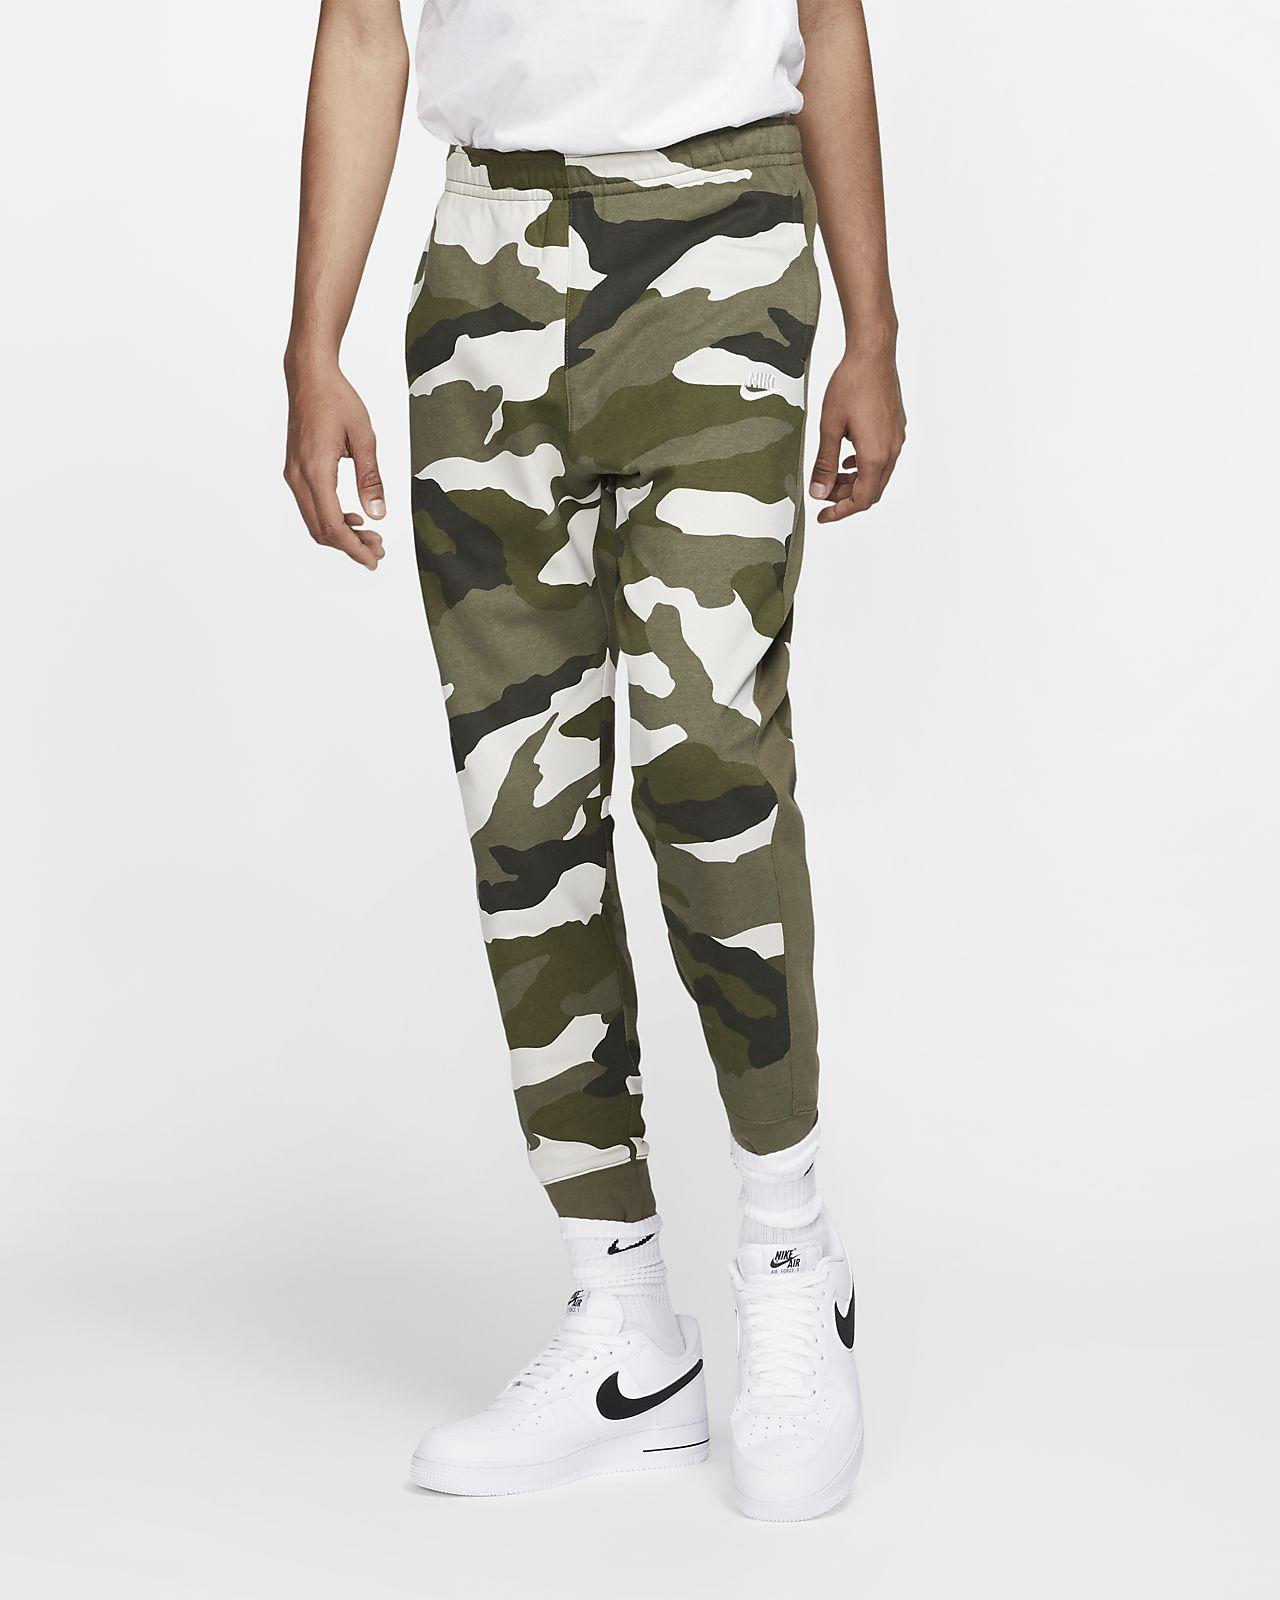 discount official newest collection Pantalon de jogging camouflage en molleton Nike Sportswear Club pour Homme